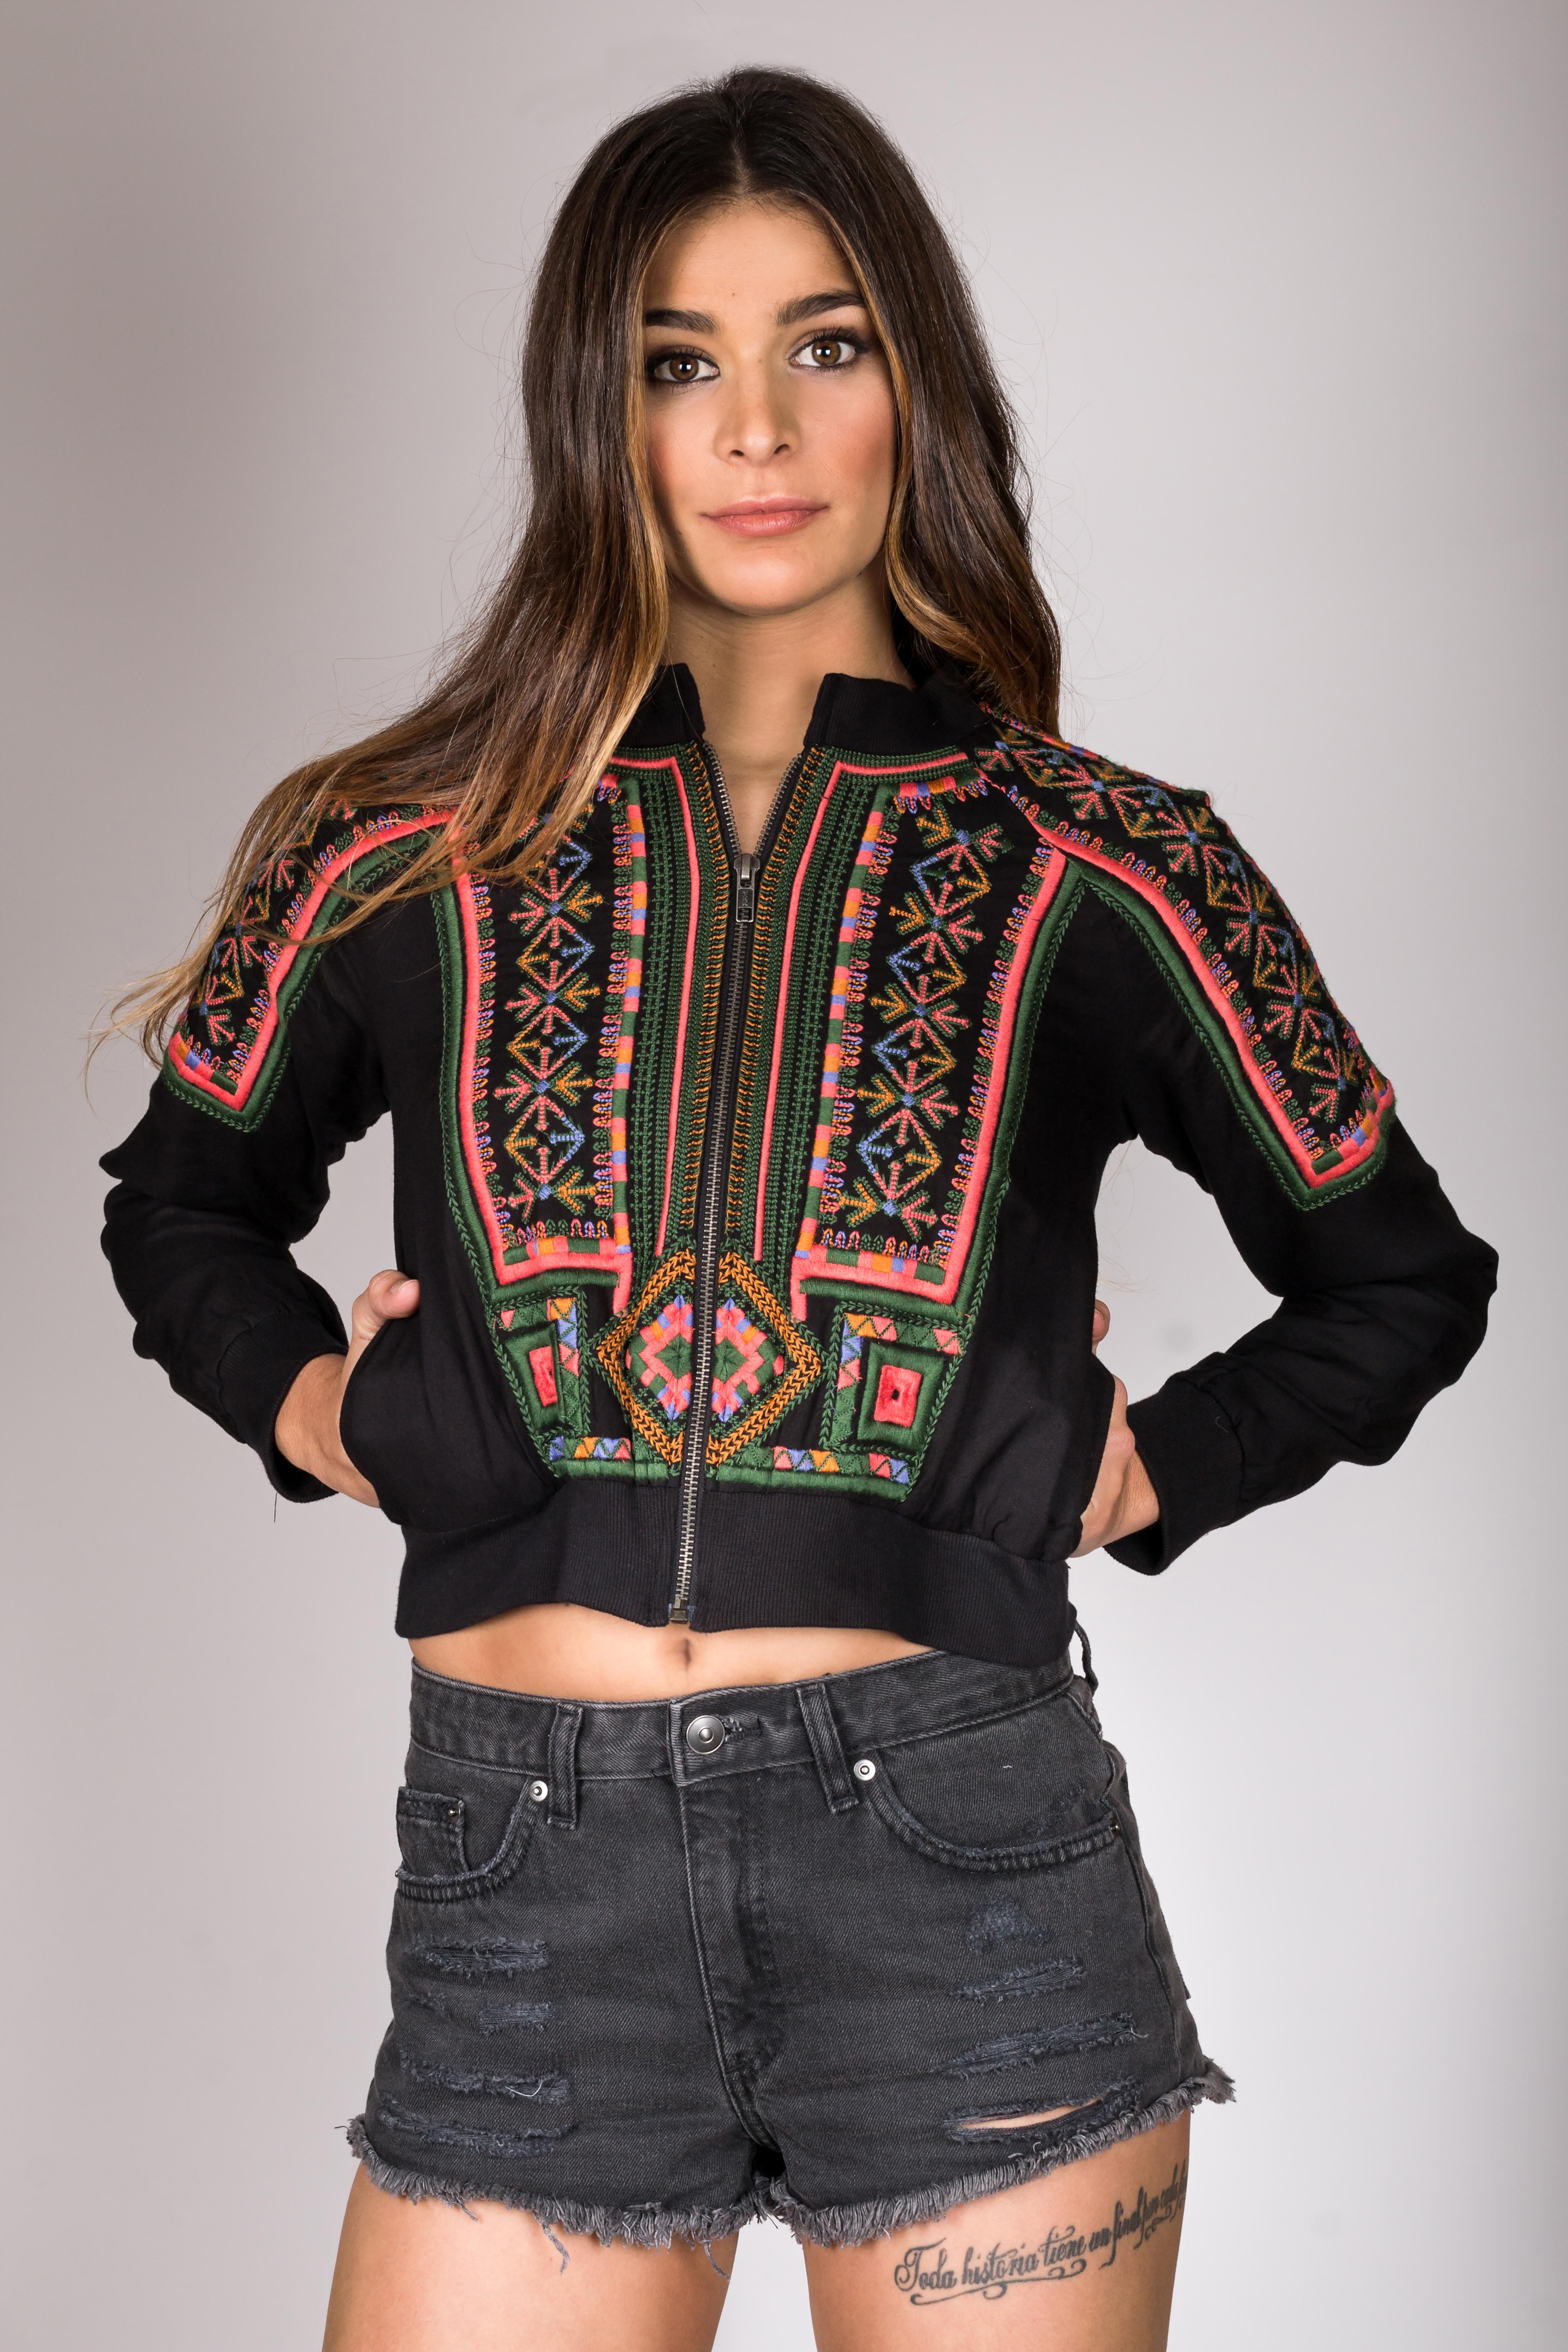 Shoklett: Little Black Embroidered Boho Jacket SOLD OUT SHOKLETT_10174S19JK